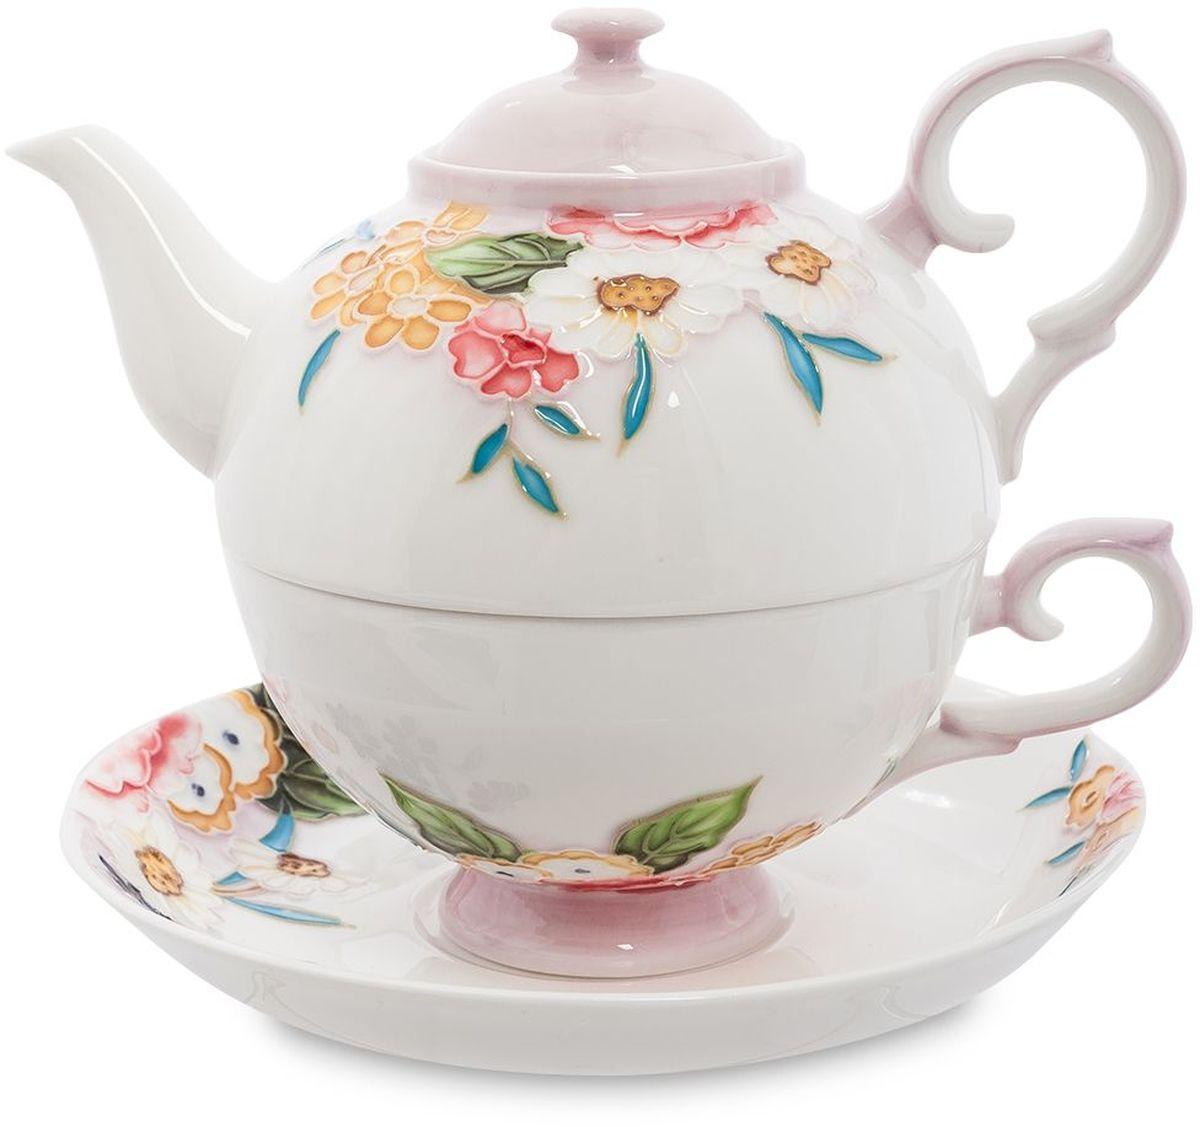 Набор чайный Pavone Королева Камилла, 3 предмета. 451592VT-1520(SR)Объем чайника: 400 млОбъем чаши: 250 млДиаметр блюдца: 15 см